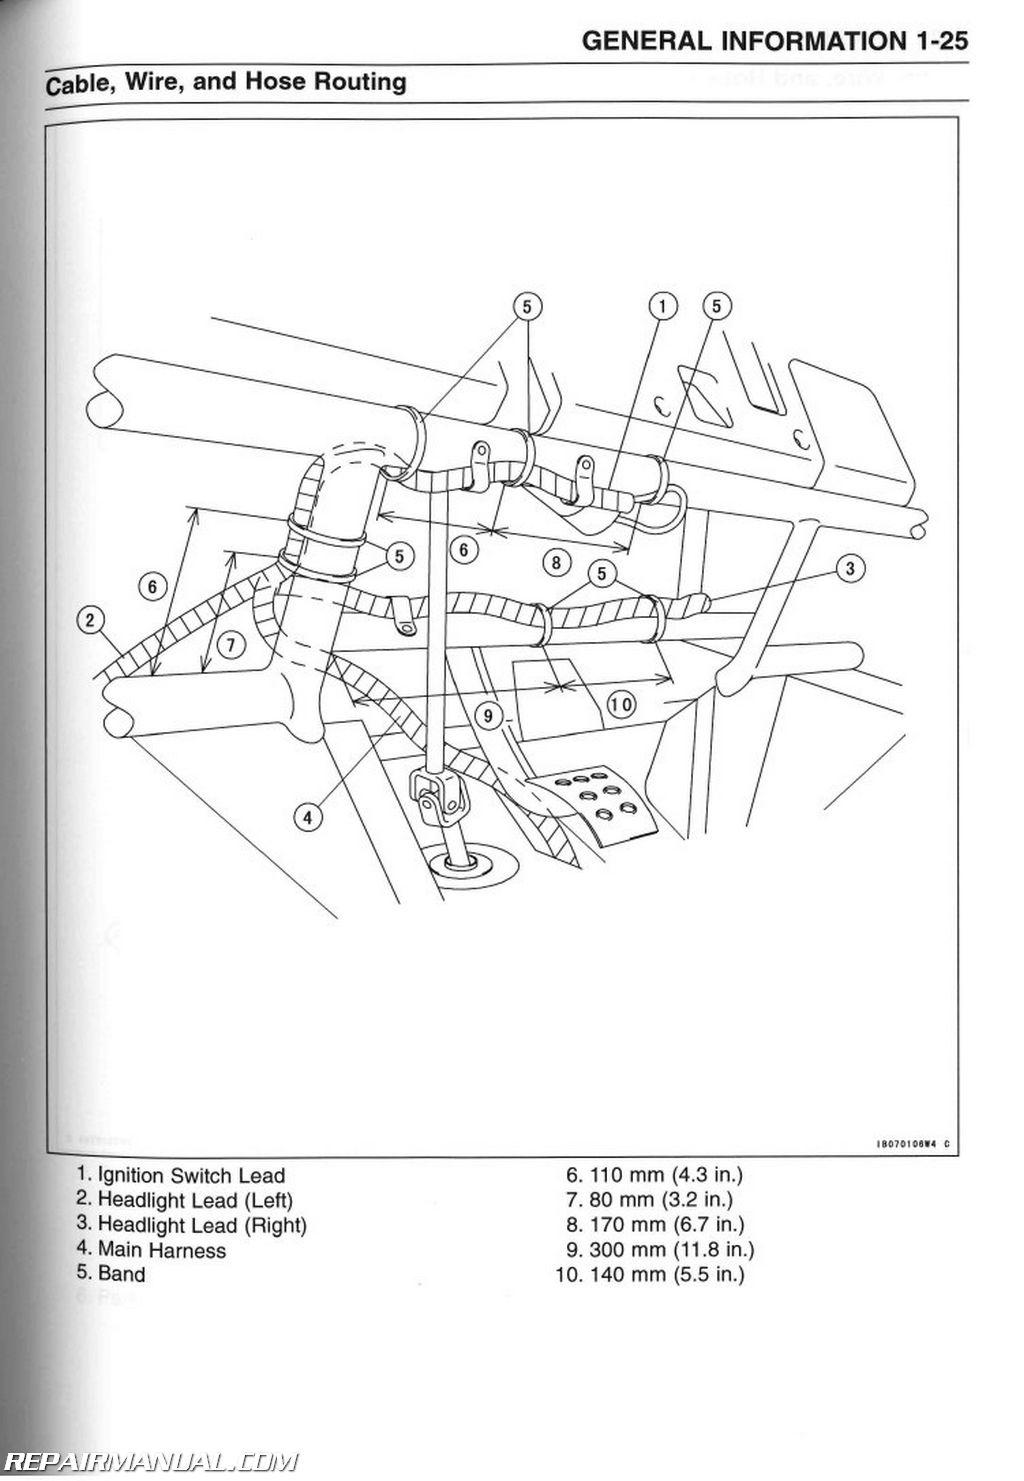 1999 kawasaki mule 550 wiring diagram